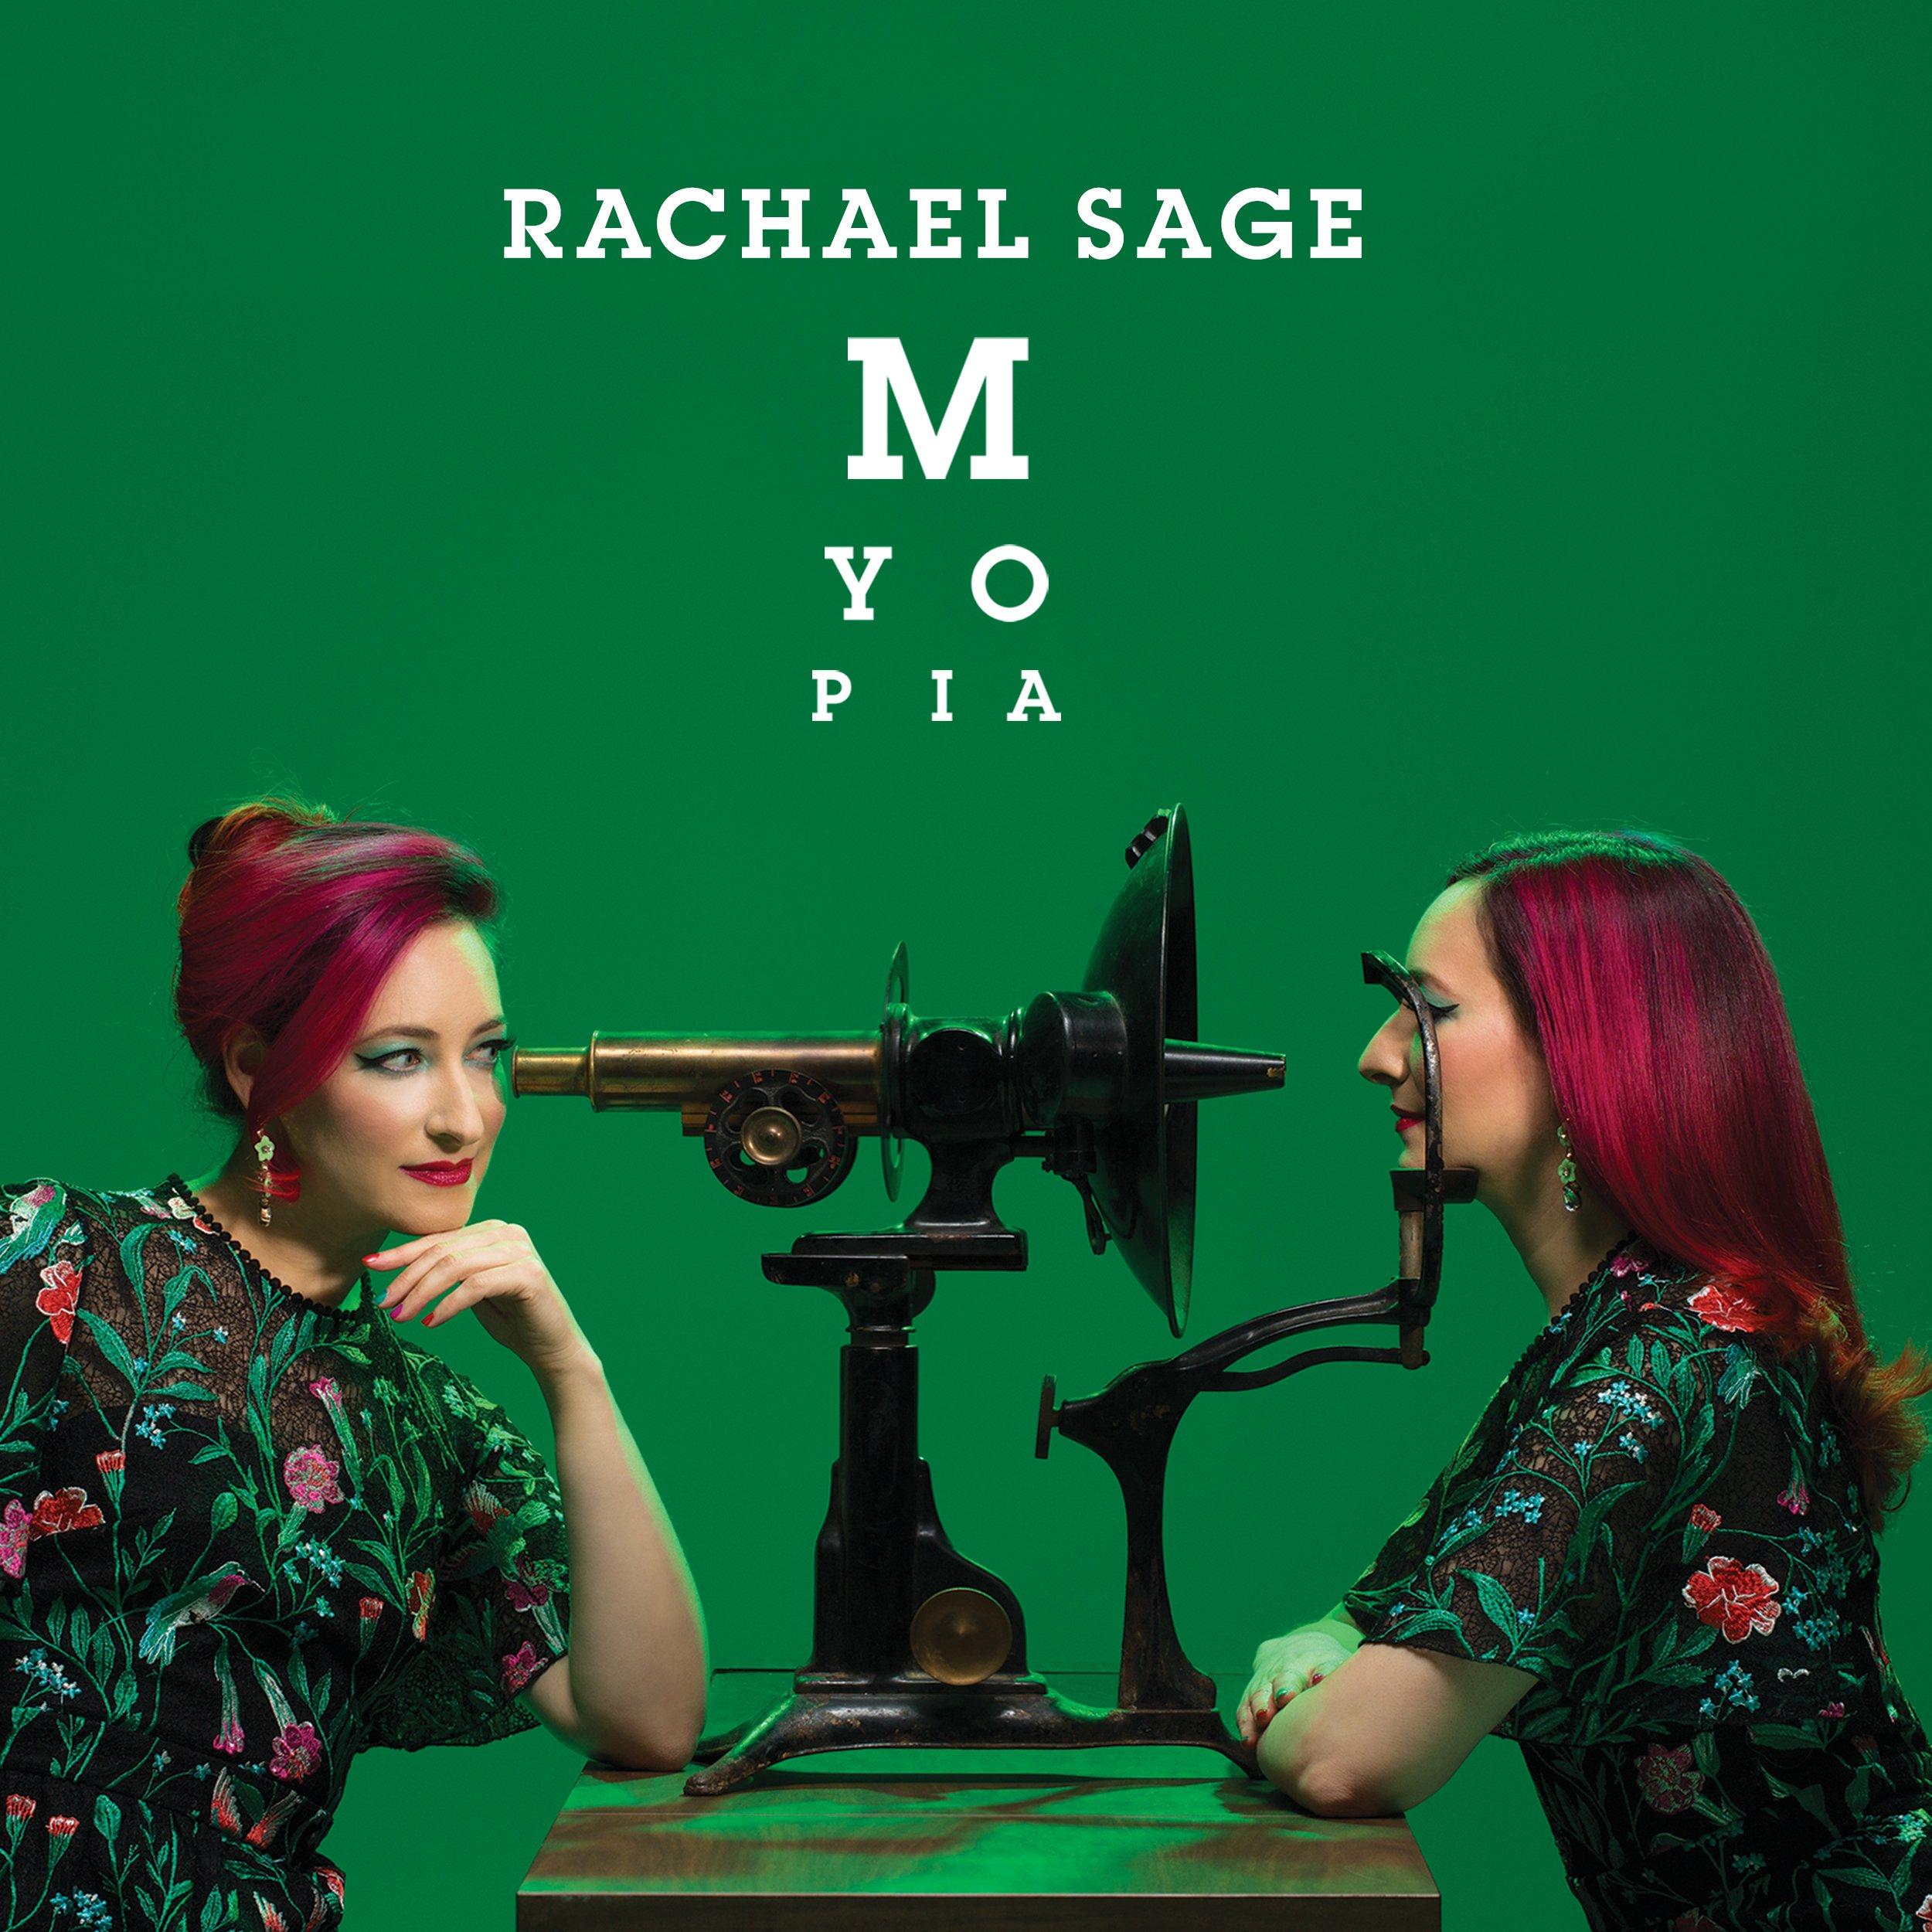 Vinilo : Rachael Sage - Myopia (2PC)